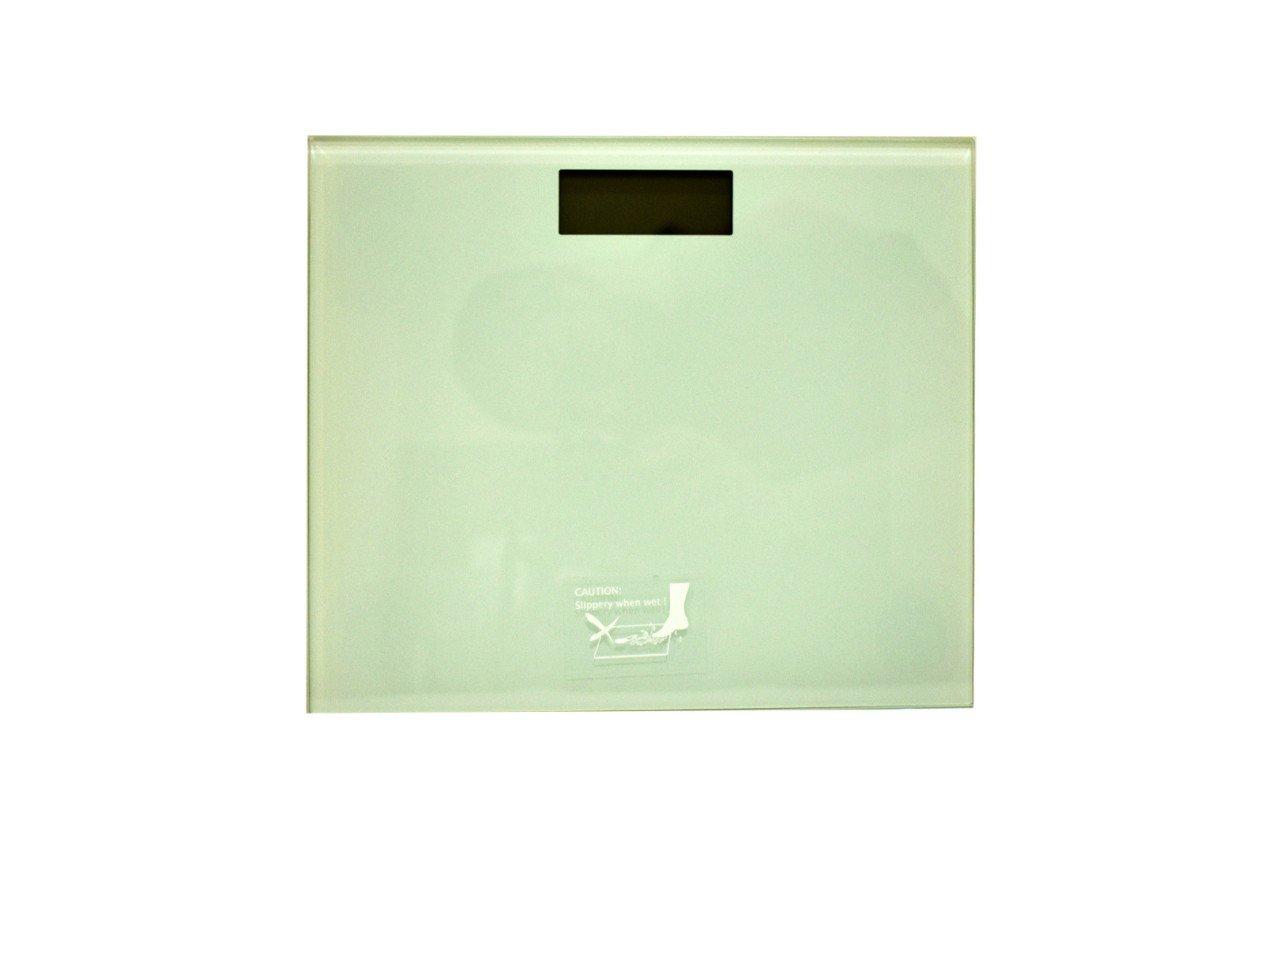 Bascula Digital de Vidrio Estandar color Blanco